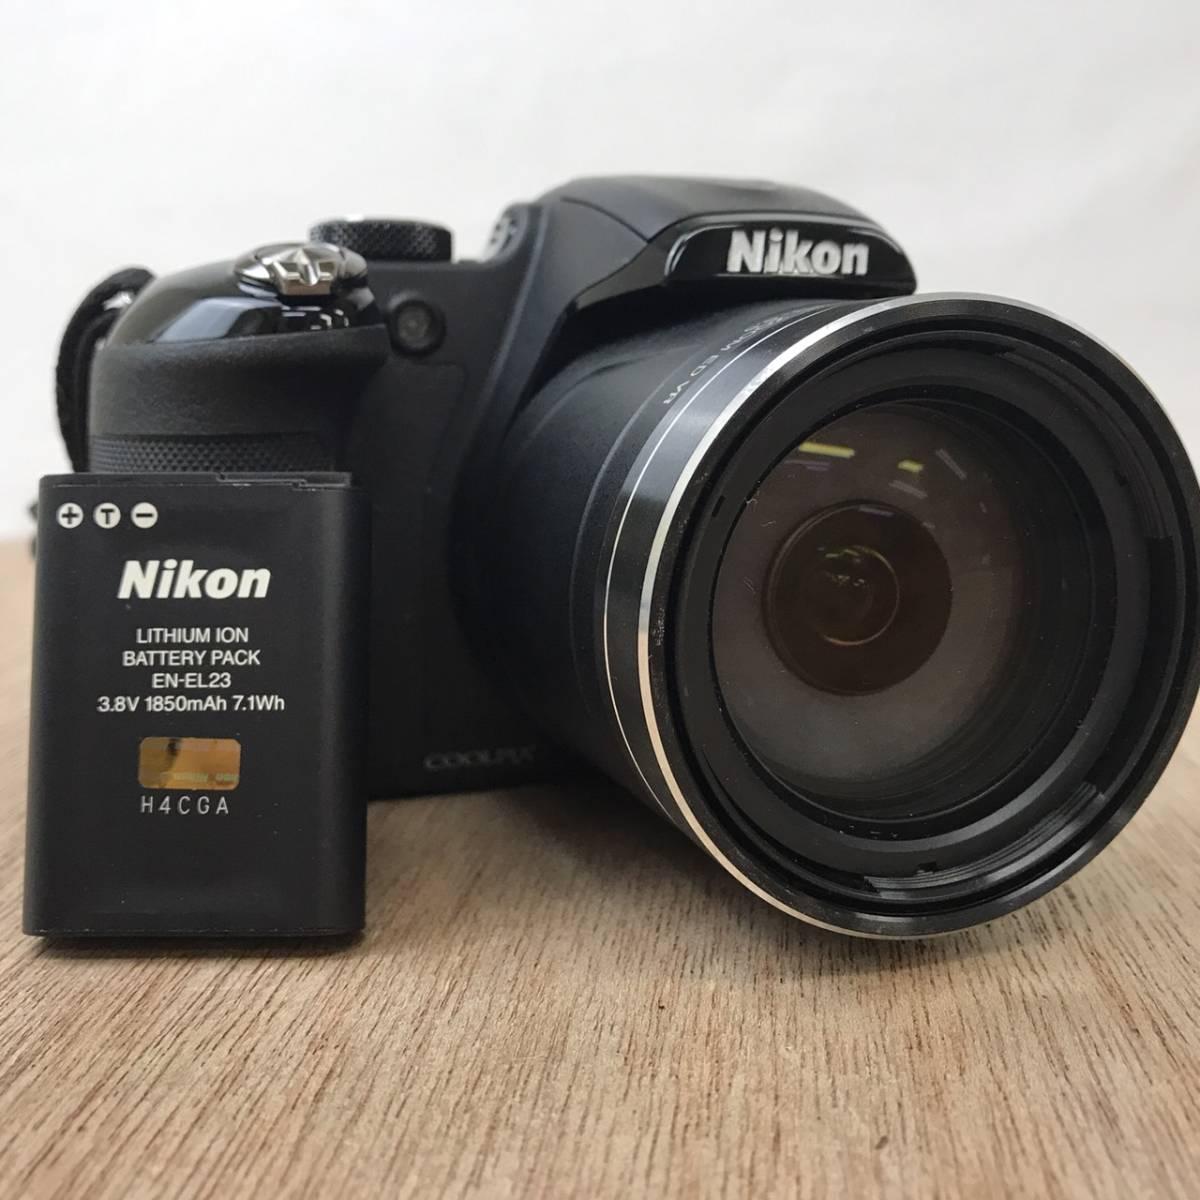 ★☆C0116b04 ニコン Nikon COOLPIX P600 ブラック 4.3-258mm 1:3.3-6.5 デジカメ コンパクトデジタル☆★